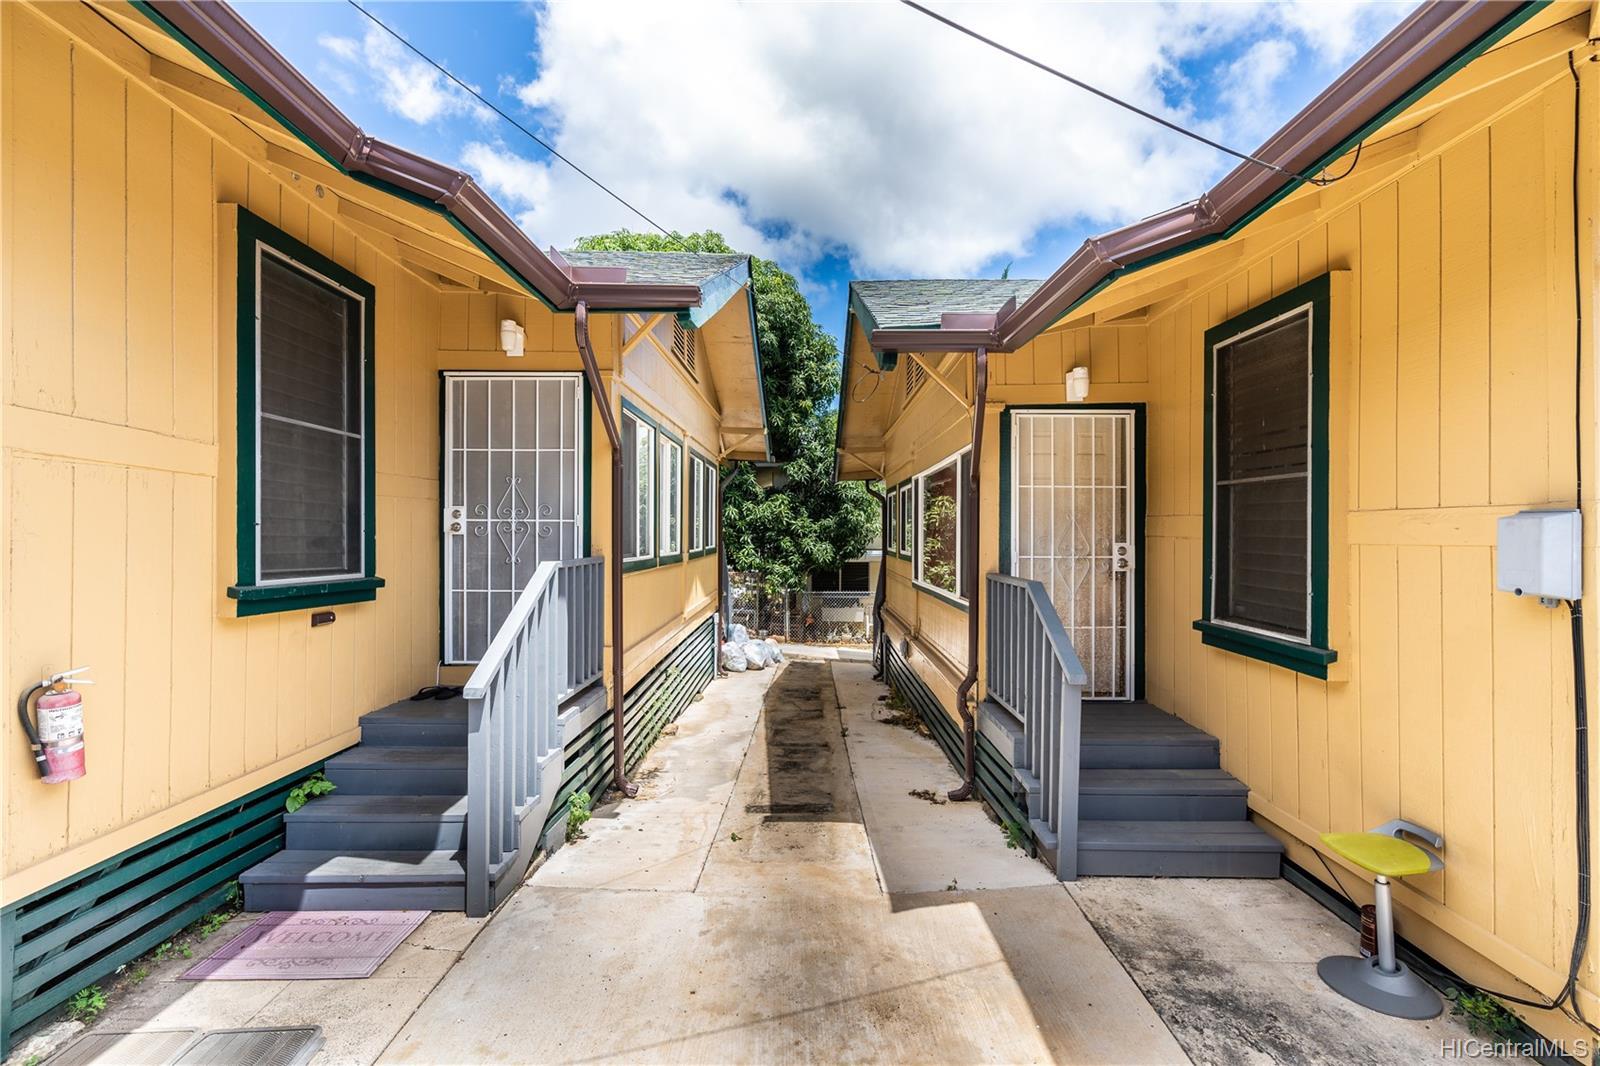 2816 Waialae Ave Honolulu - Multi-family - photo 9 of 21